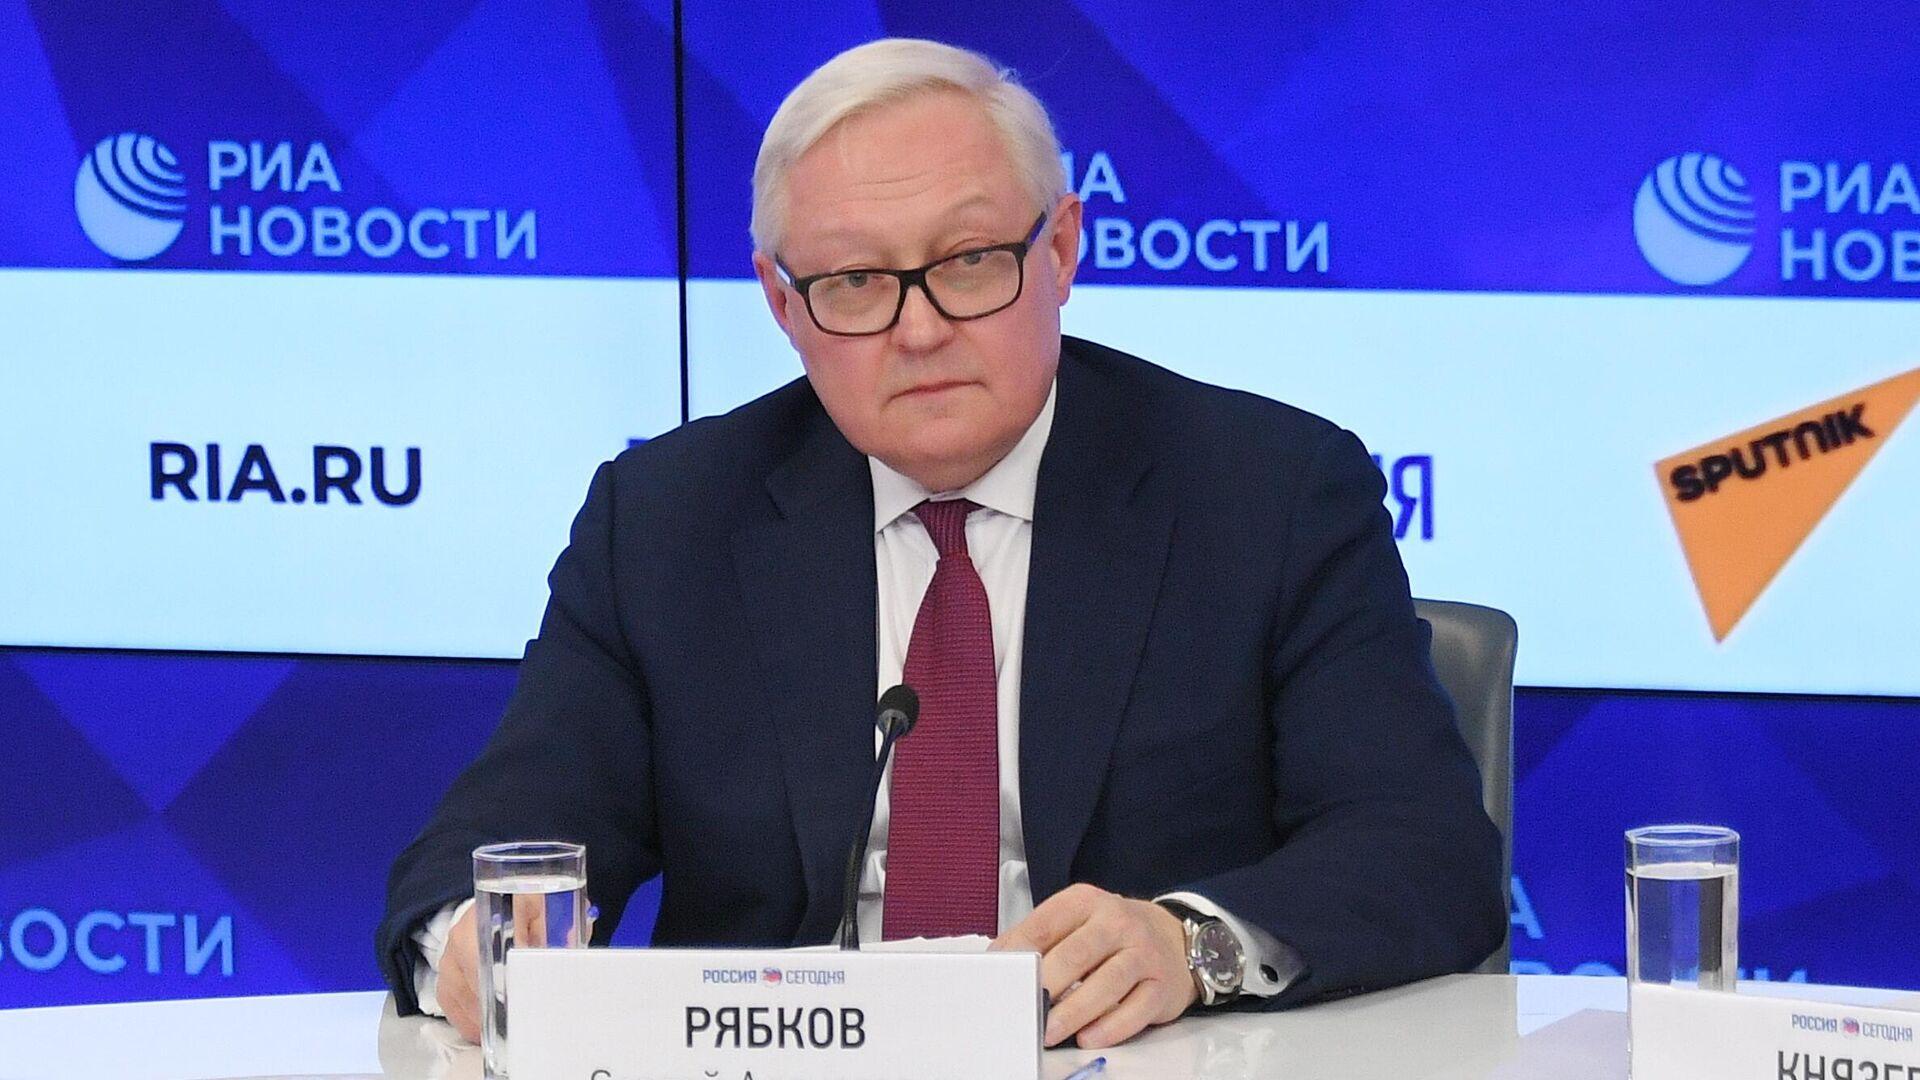 Сергей Рябков на пресс-конференции, посвященной началу председательства России в БРИКС в 2020 году - РИА Новости, 1920, 09.06.2021